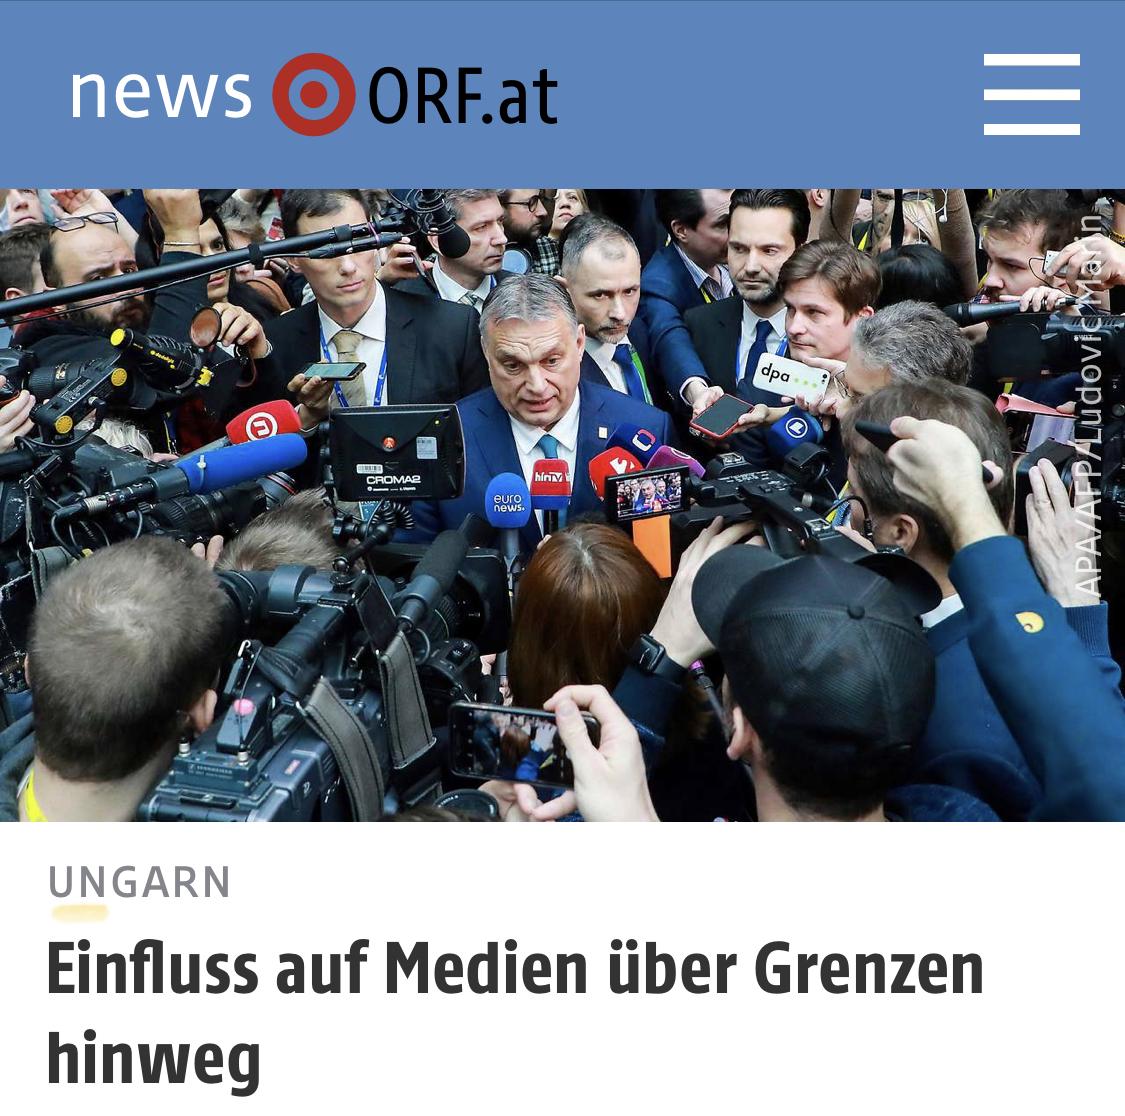 ORF: Kako Mađarska utiče na medije u Sloveniji i Severnoj Makedoniji